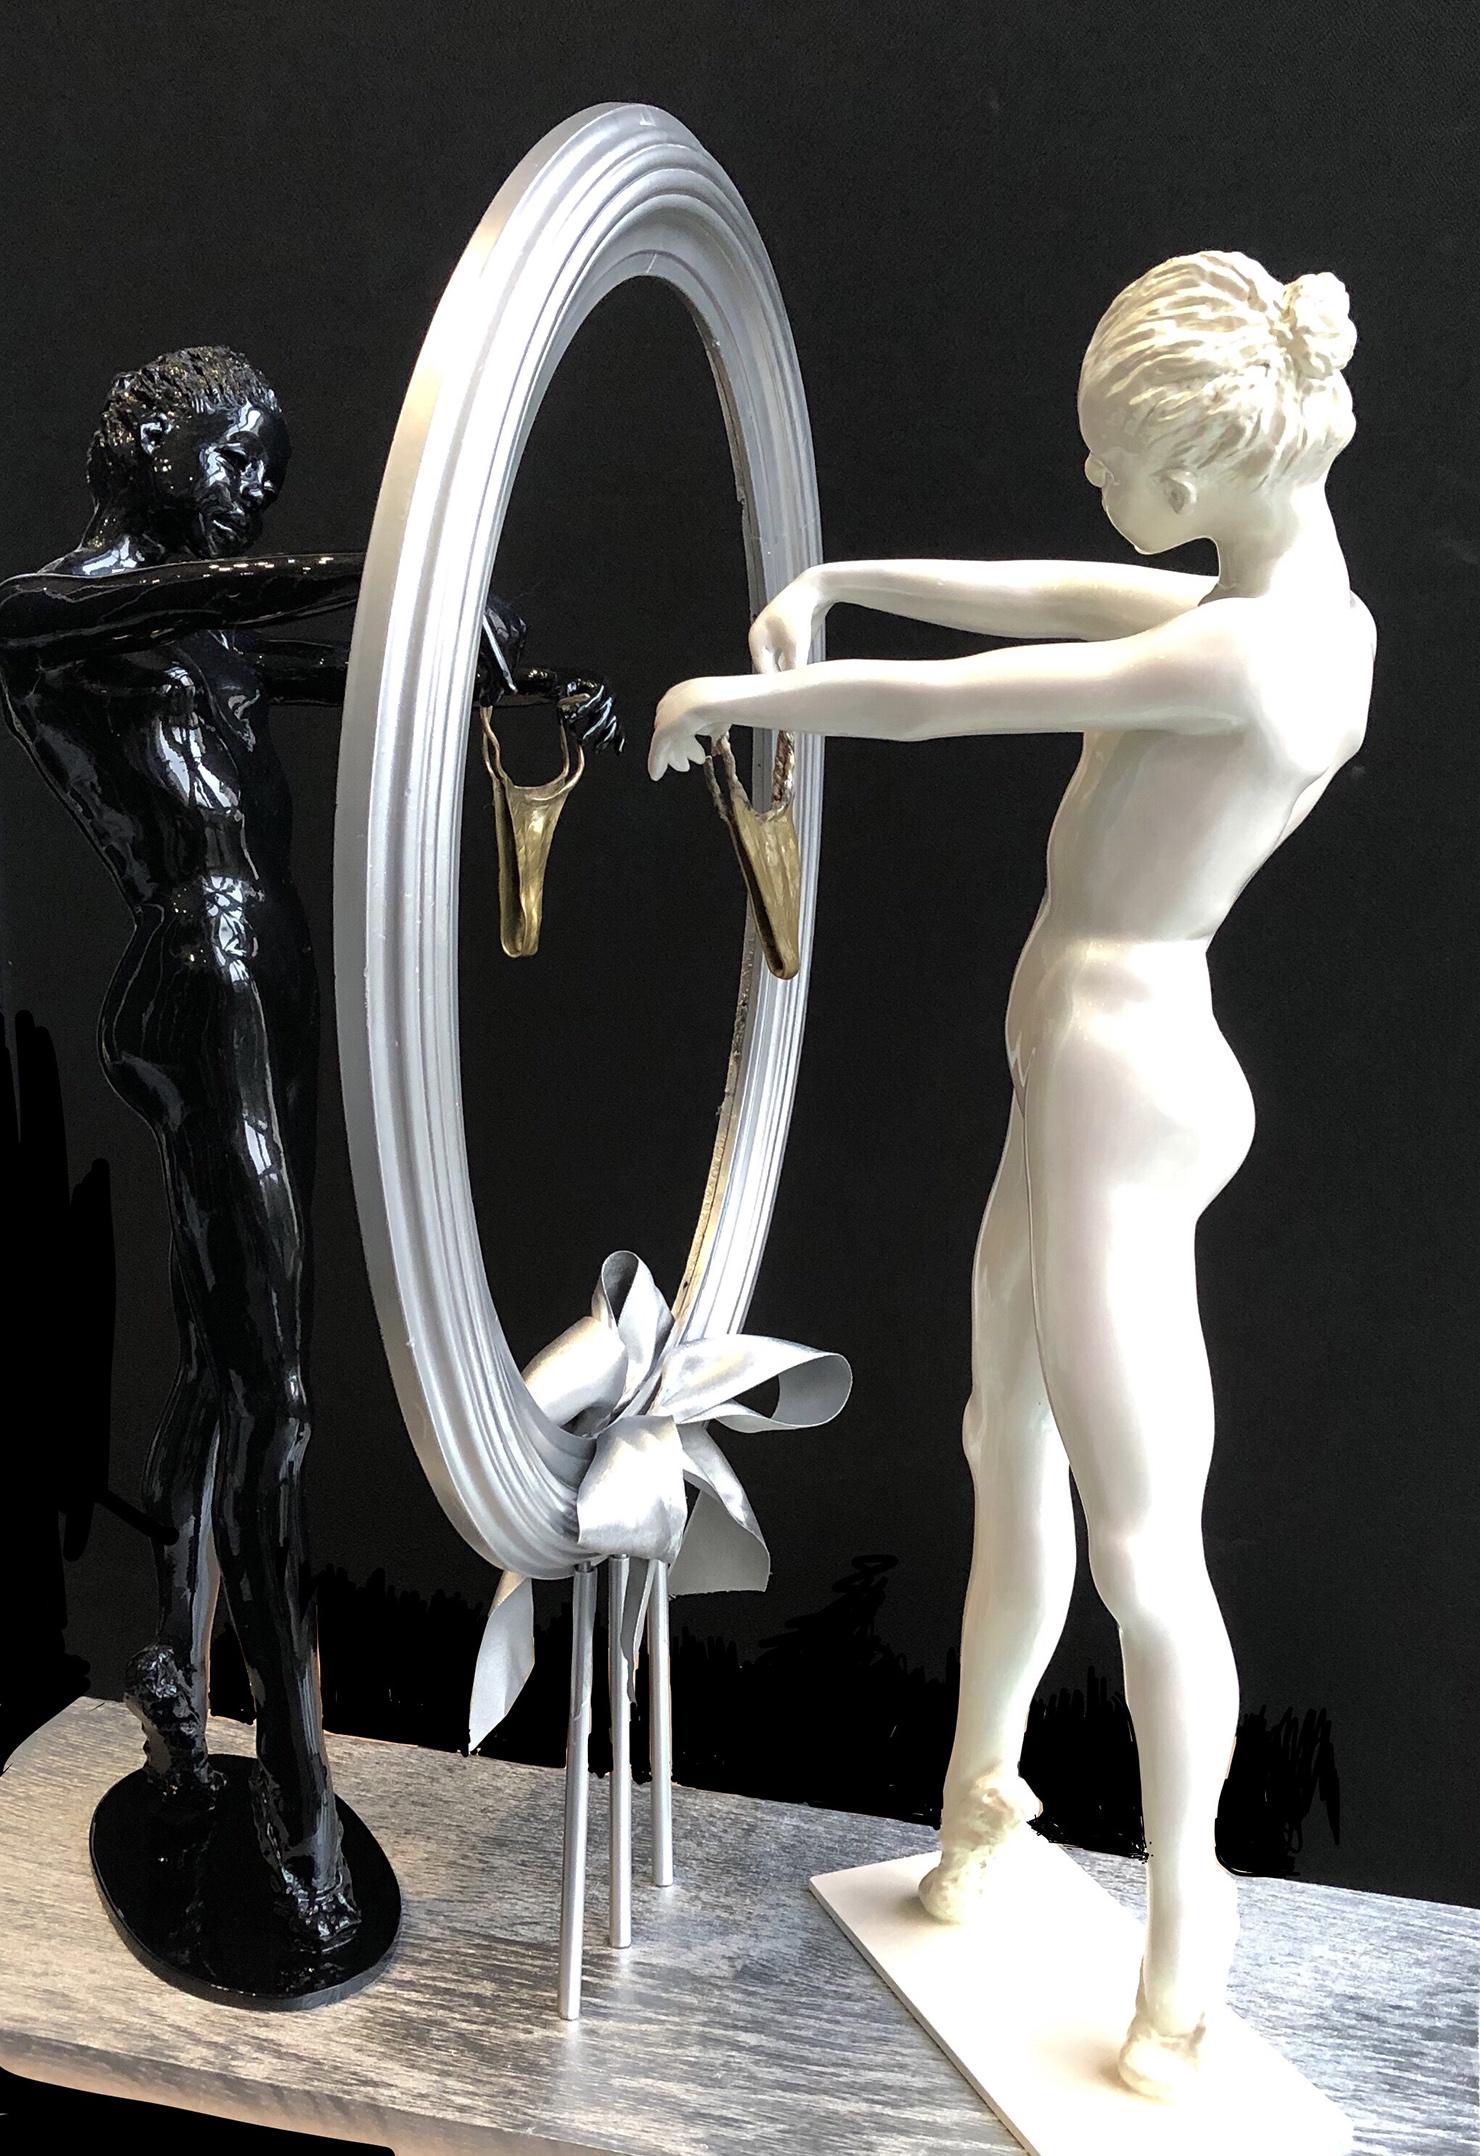 AURIA (Patricia MAZE) Danseuse au miroir